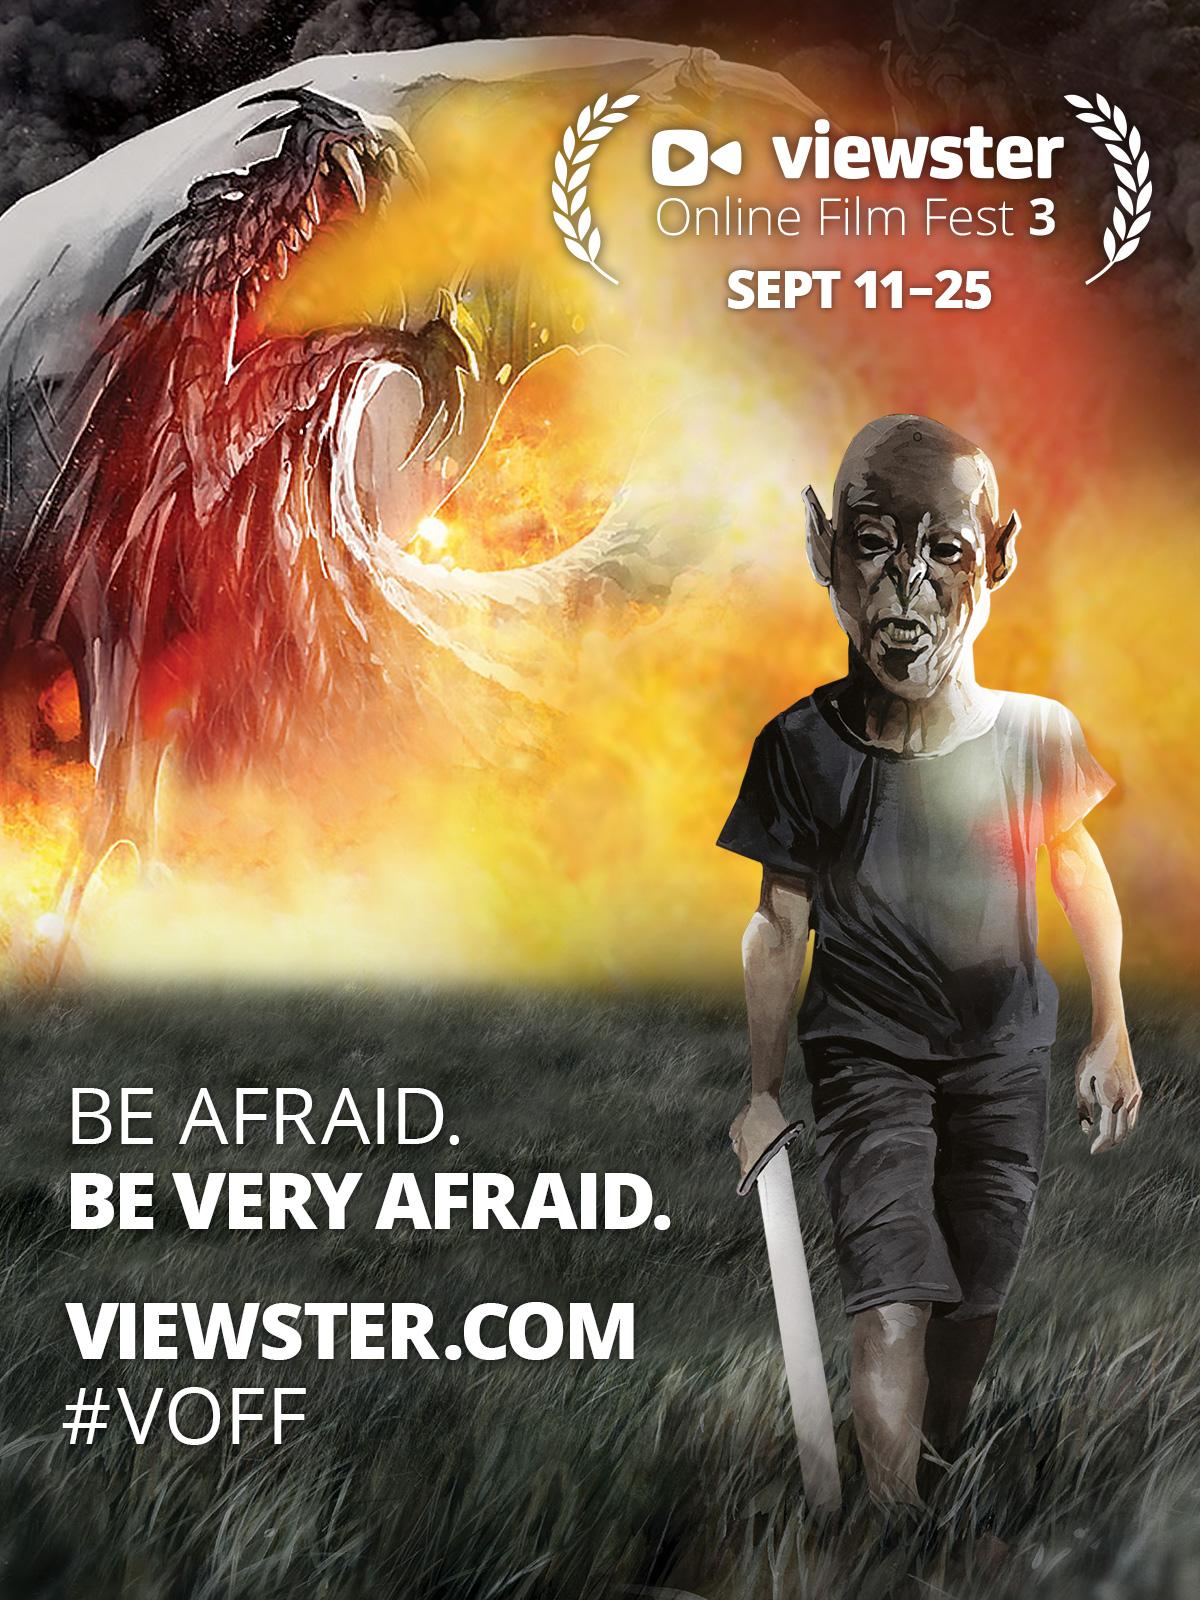 viewster online film festival poster